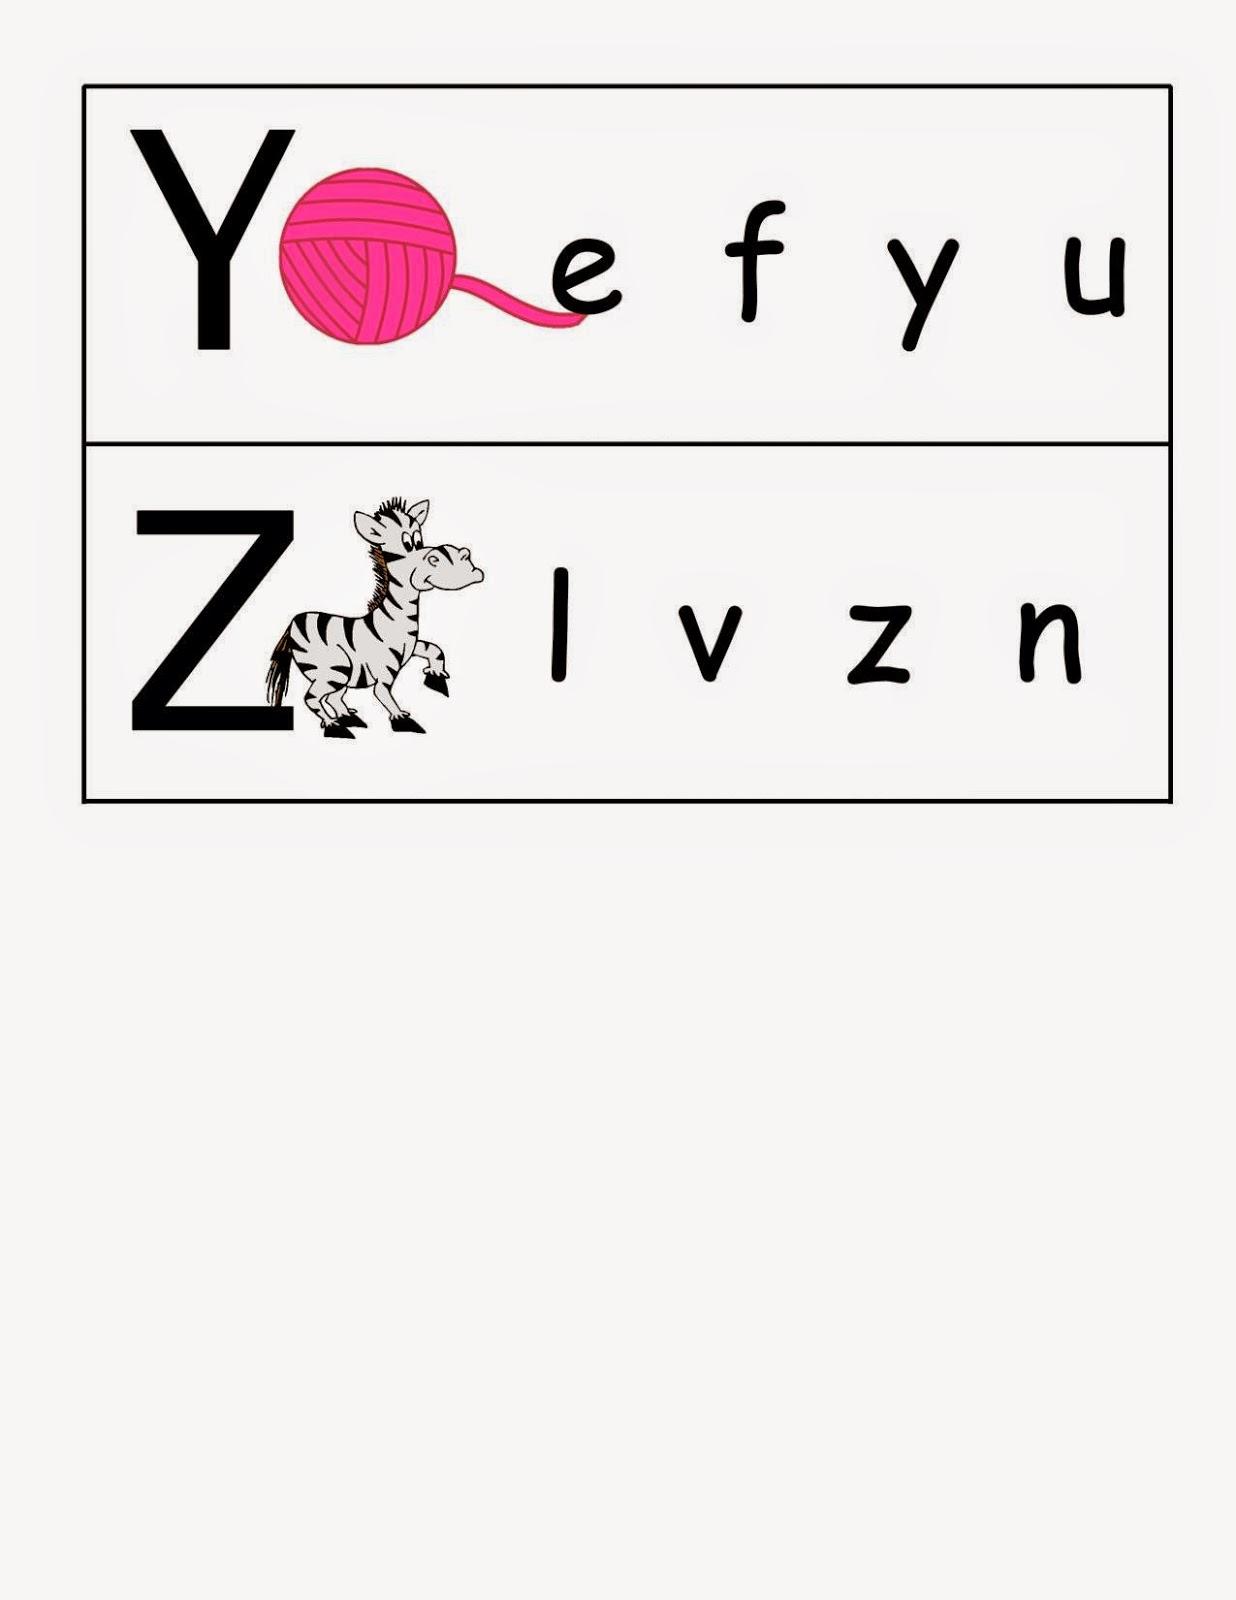 Kindergarten Worksheets Match upper case and lower case letters 7 – Matching Upper and Lowercase Letters Worksheets